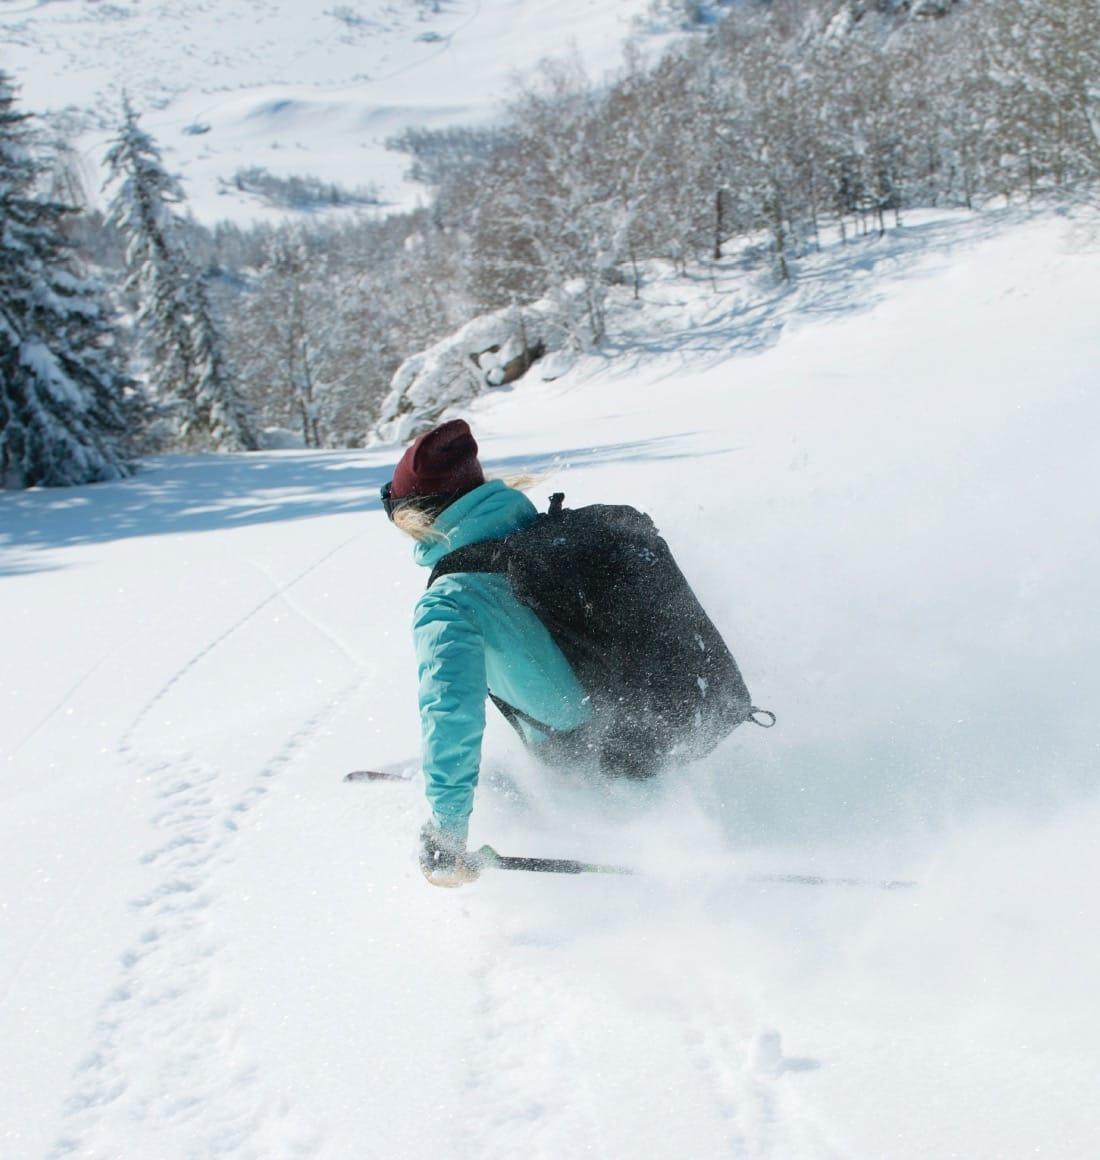 SKILEK: Vi fikk bare prøvd en brøkdel av de mange nydelige nedkjøringene rundt Akhorm. Her har Linn Cecilie Mæhlum har et friminutt fra jobben som representant for ungdoms- OL og kan bare nyte nysnøen. Bilde: Johan Wildhagen